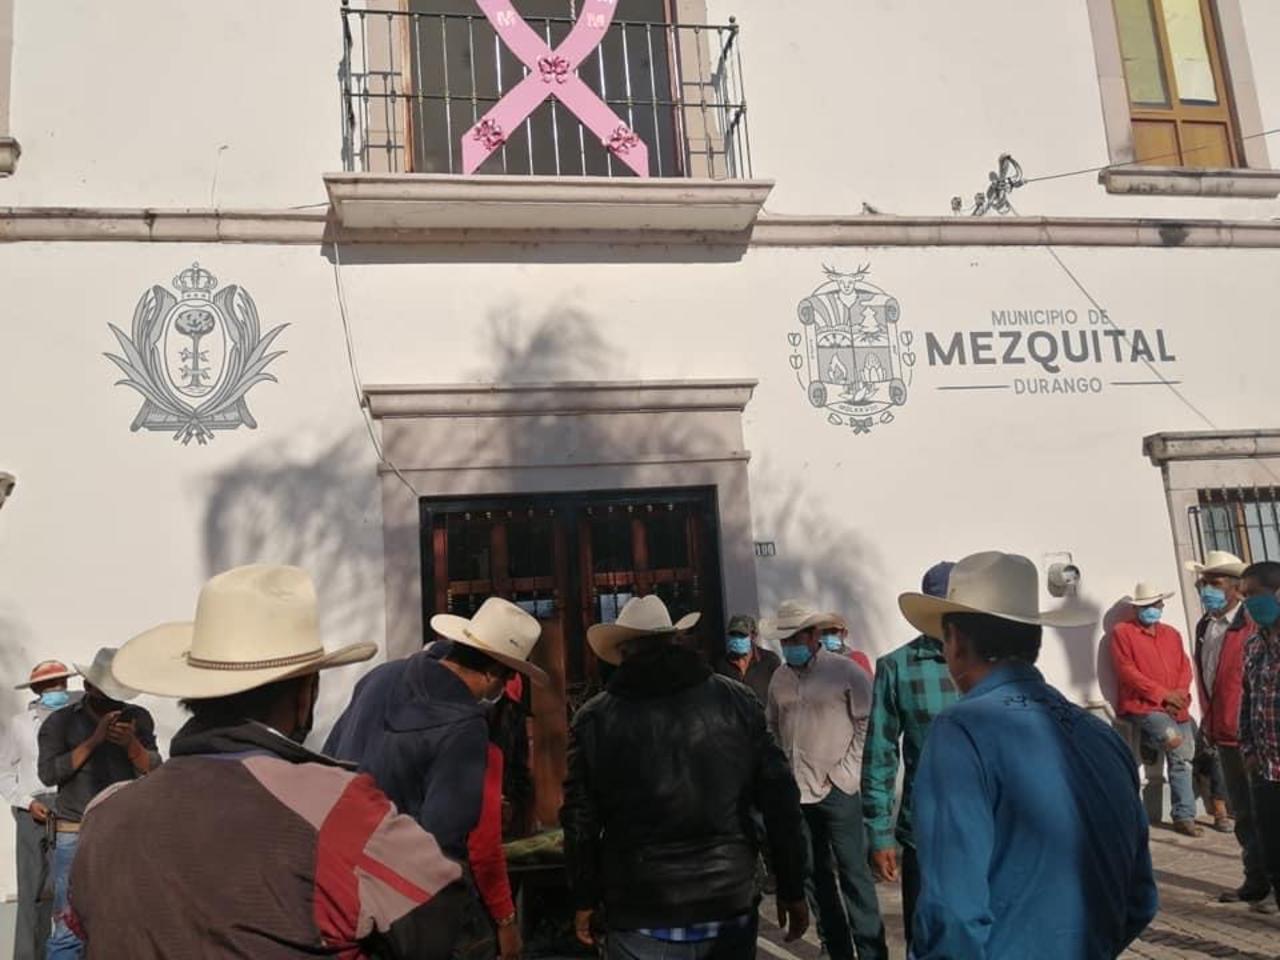 Denuncian falta de respuesta a demandas en Mezquital